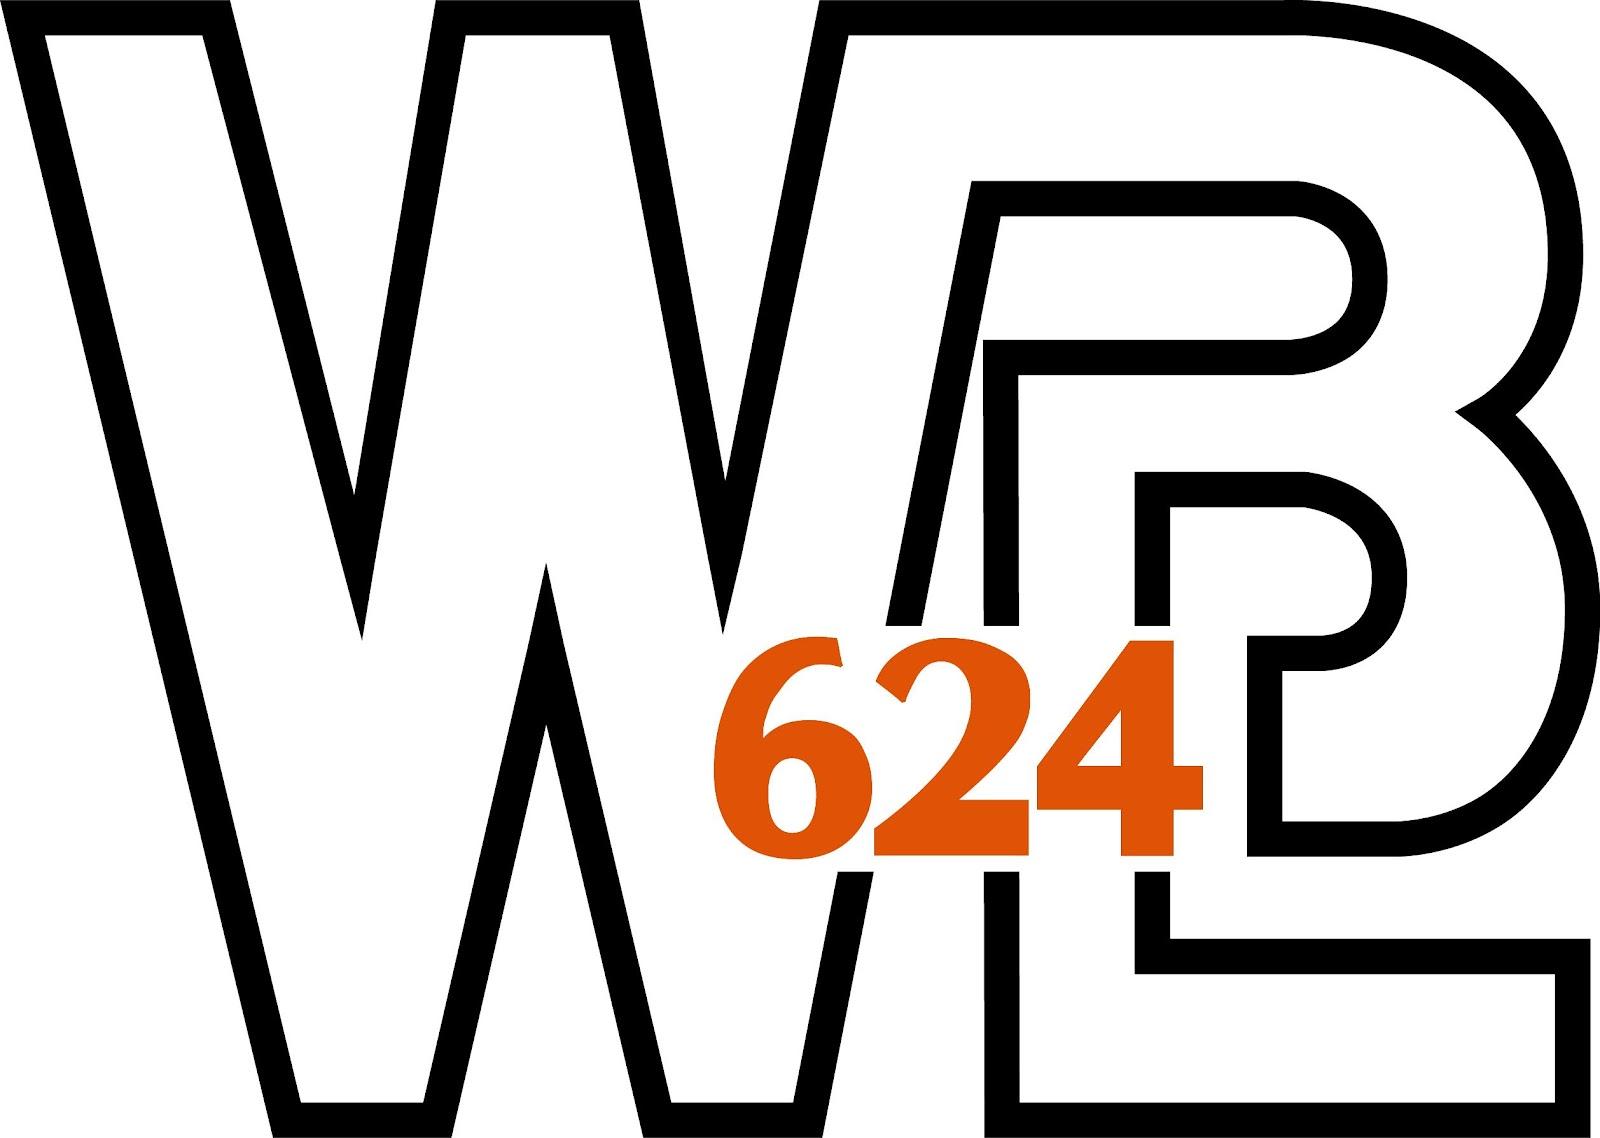 W B 624 logo